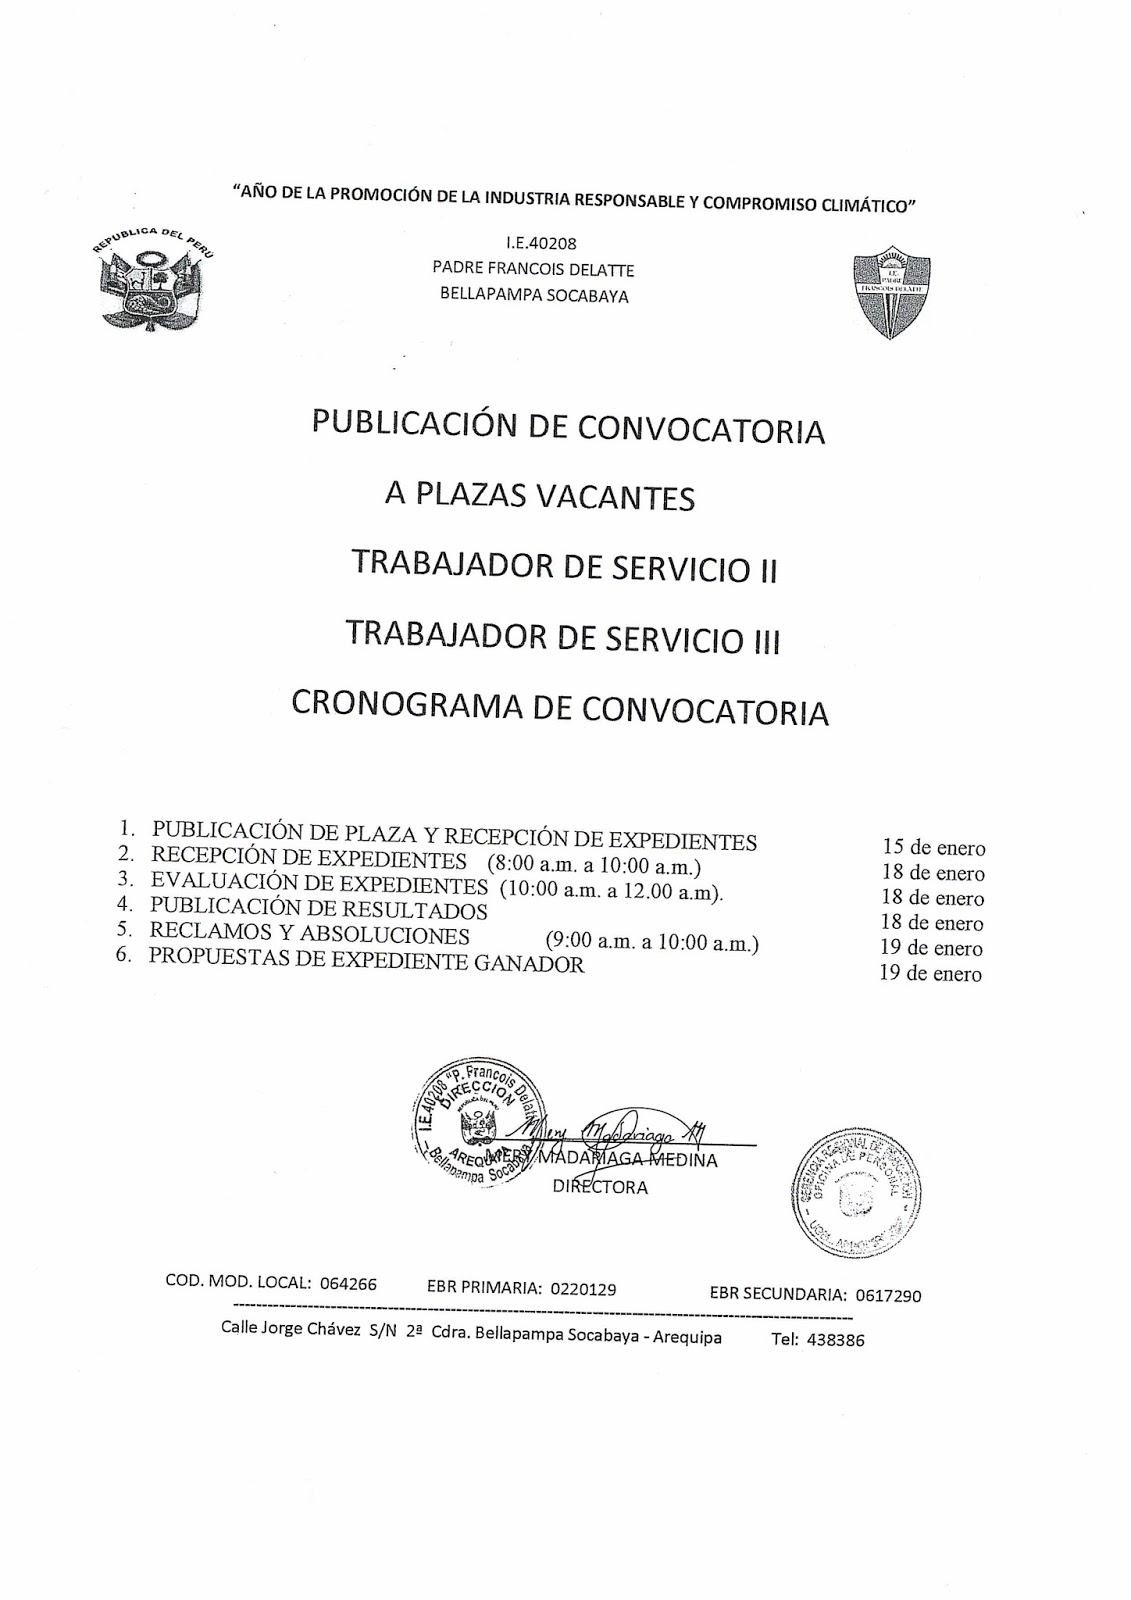 Convocatoria para plazas de personal de servicio ugel for Convocatoria para docentes